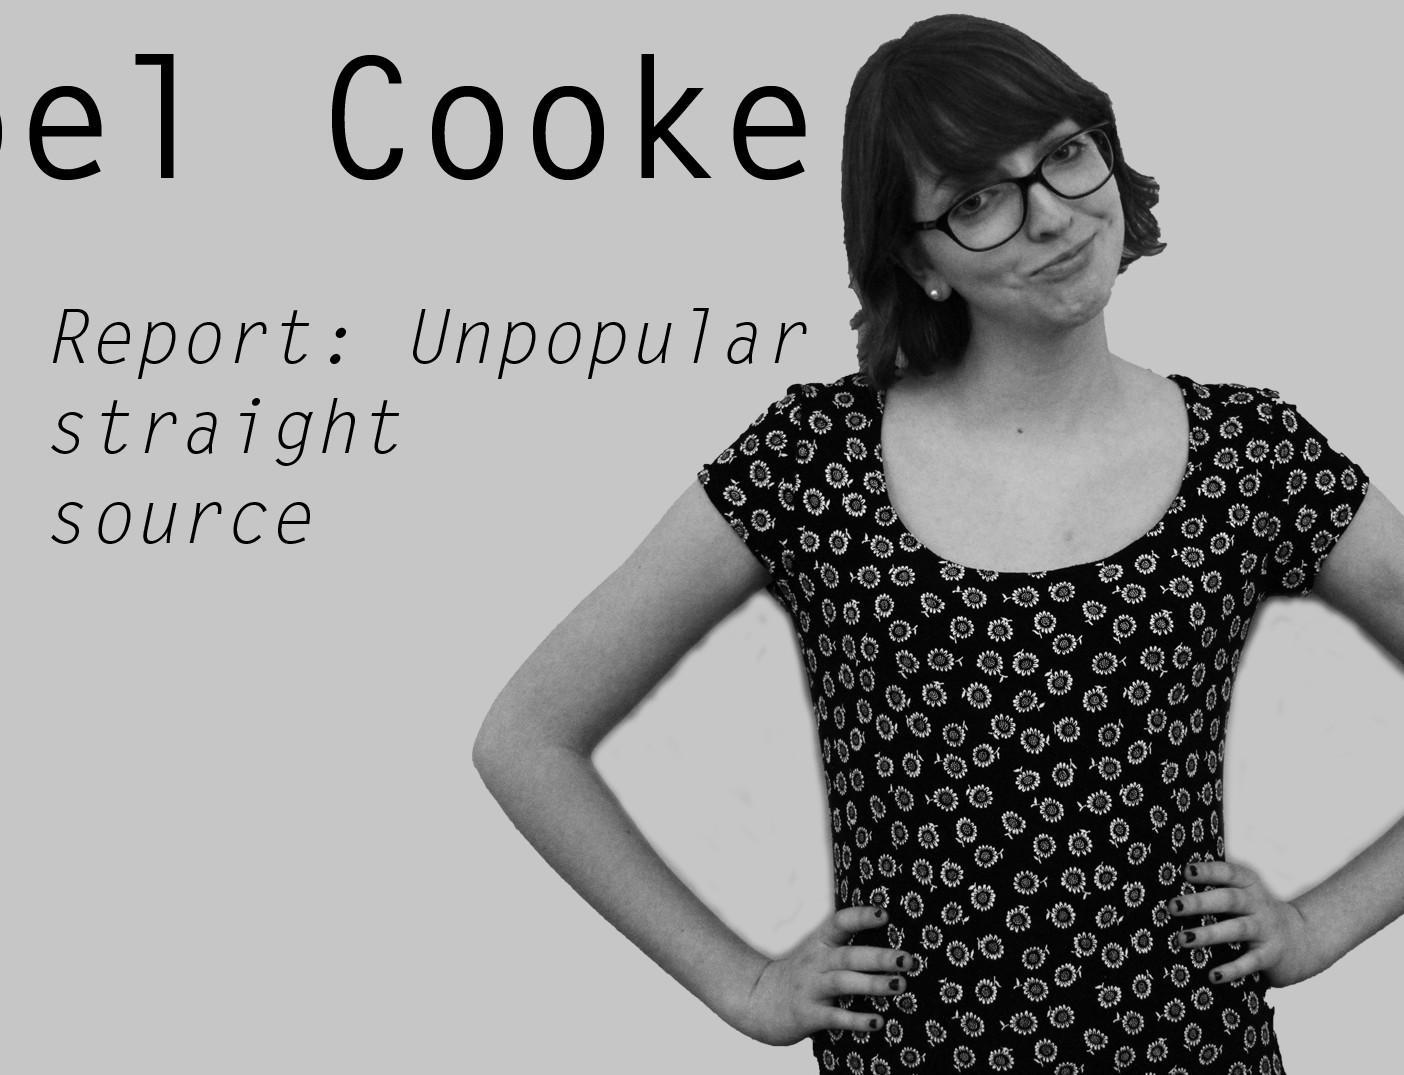 Isabel Cooke